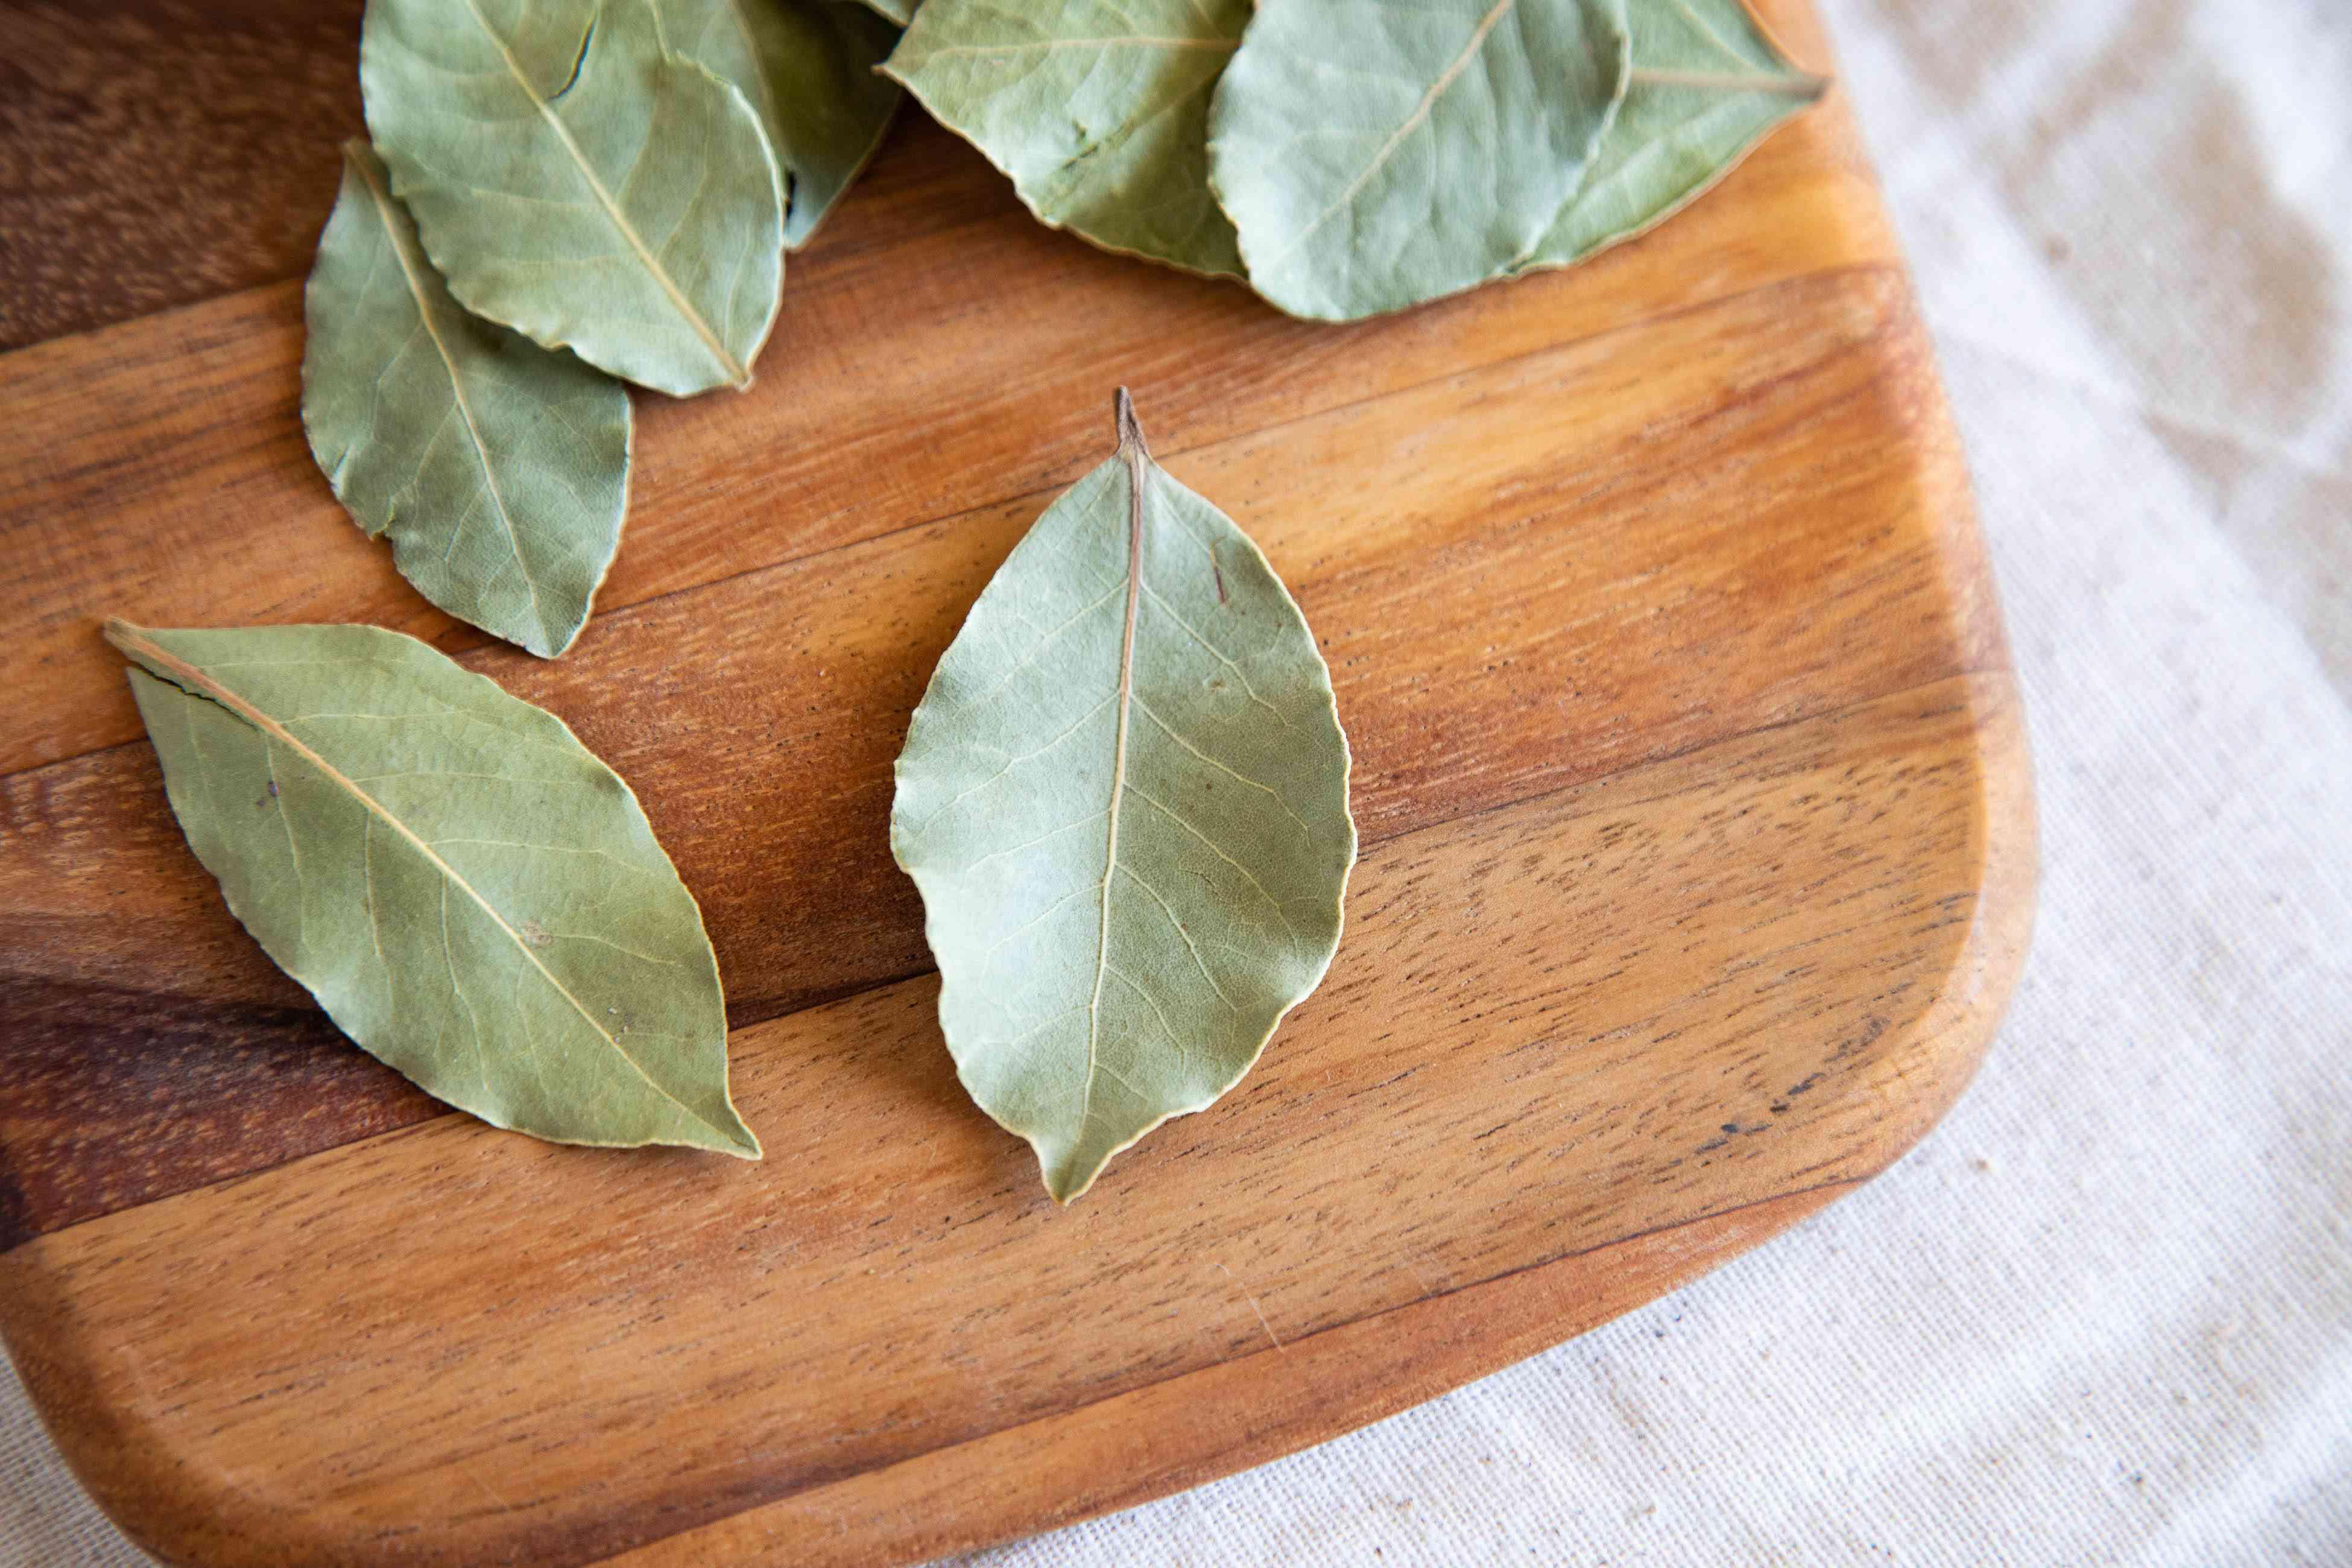 Close up bay leaf on wood cutting board